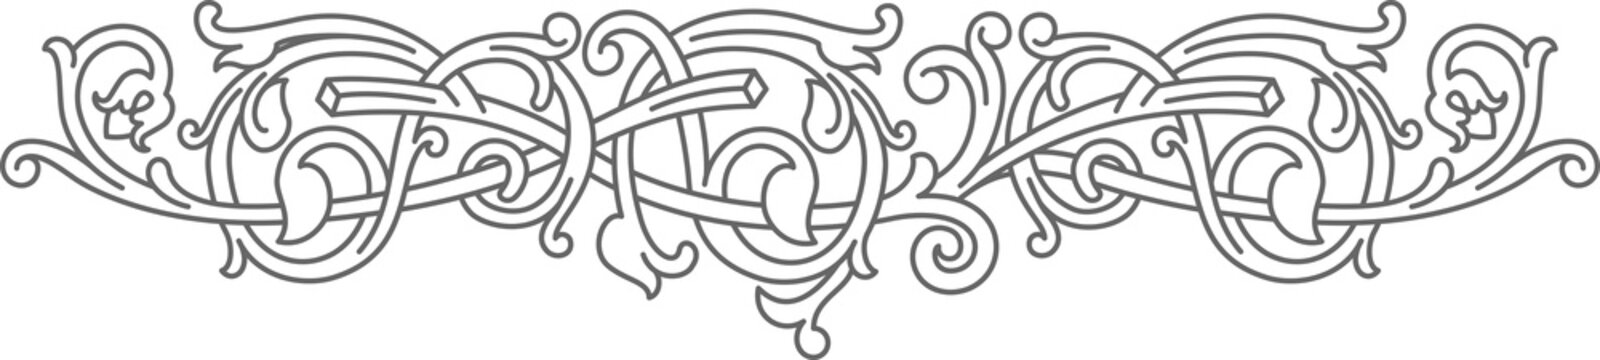 Celtic pattern ornament decoration design element.